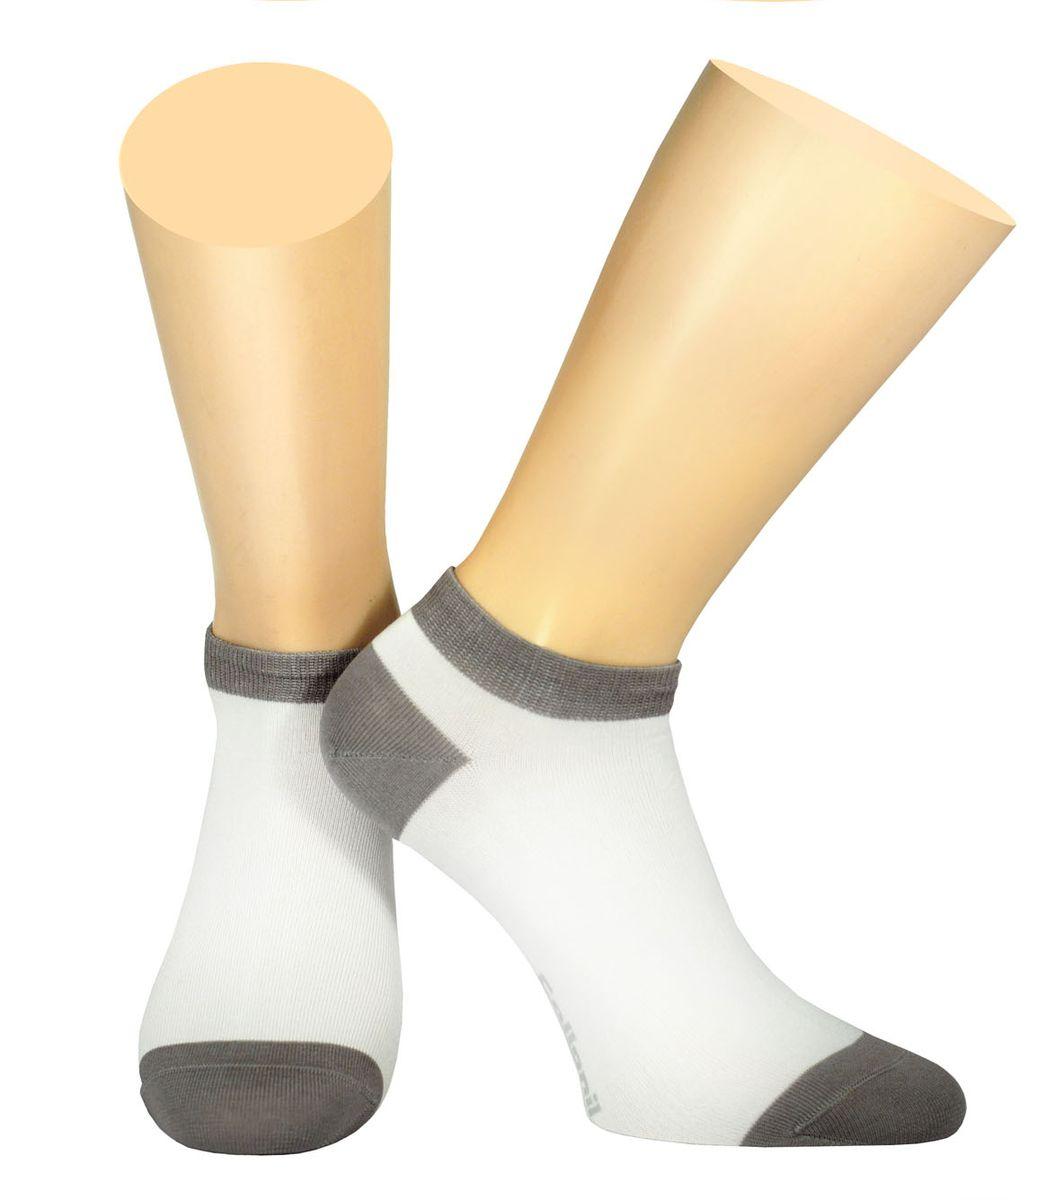 Носки мужские Collonil, цвет: белый, серый. 2-18/27. Размер 39-412-18/27Мужские носки Collonil изготовлены из эластичного мерсеризованного хлопка с добавлением полиамида.Носки с укороченным паголенком. Широкая резинка не сдавливает и комфортно облегает ногу.